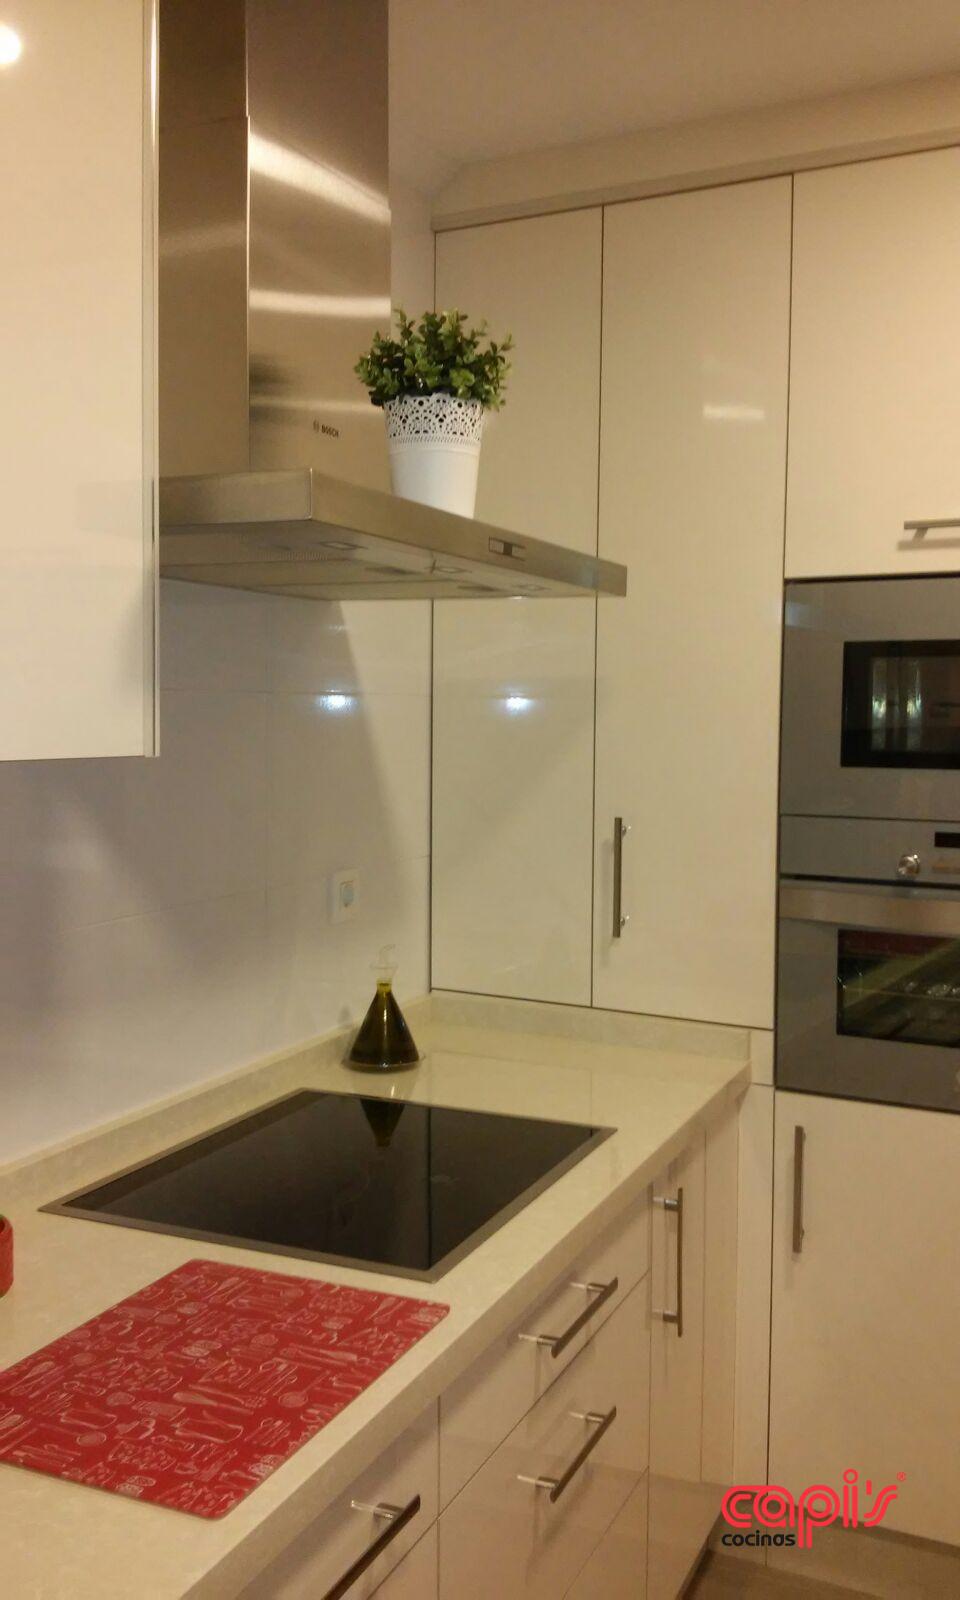 Cocina beige cocinas capis dise o y fabricaci n de cocinas en huelvacocinas capis dise o y - Cocinas con azulejos beige ...